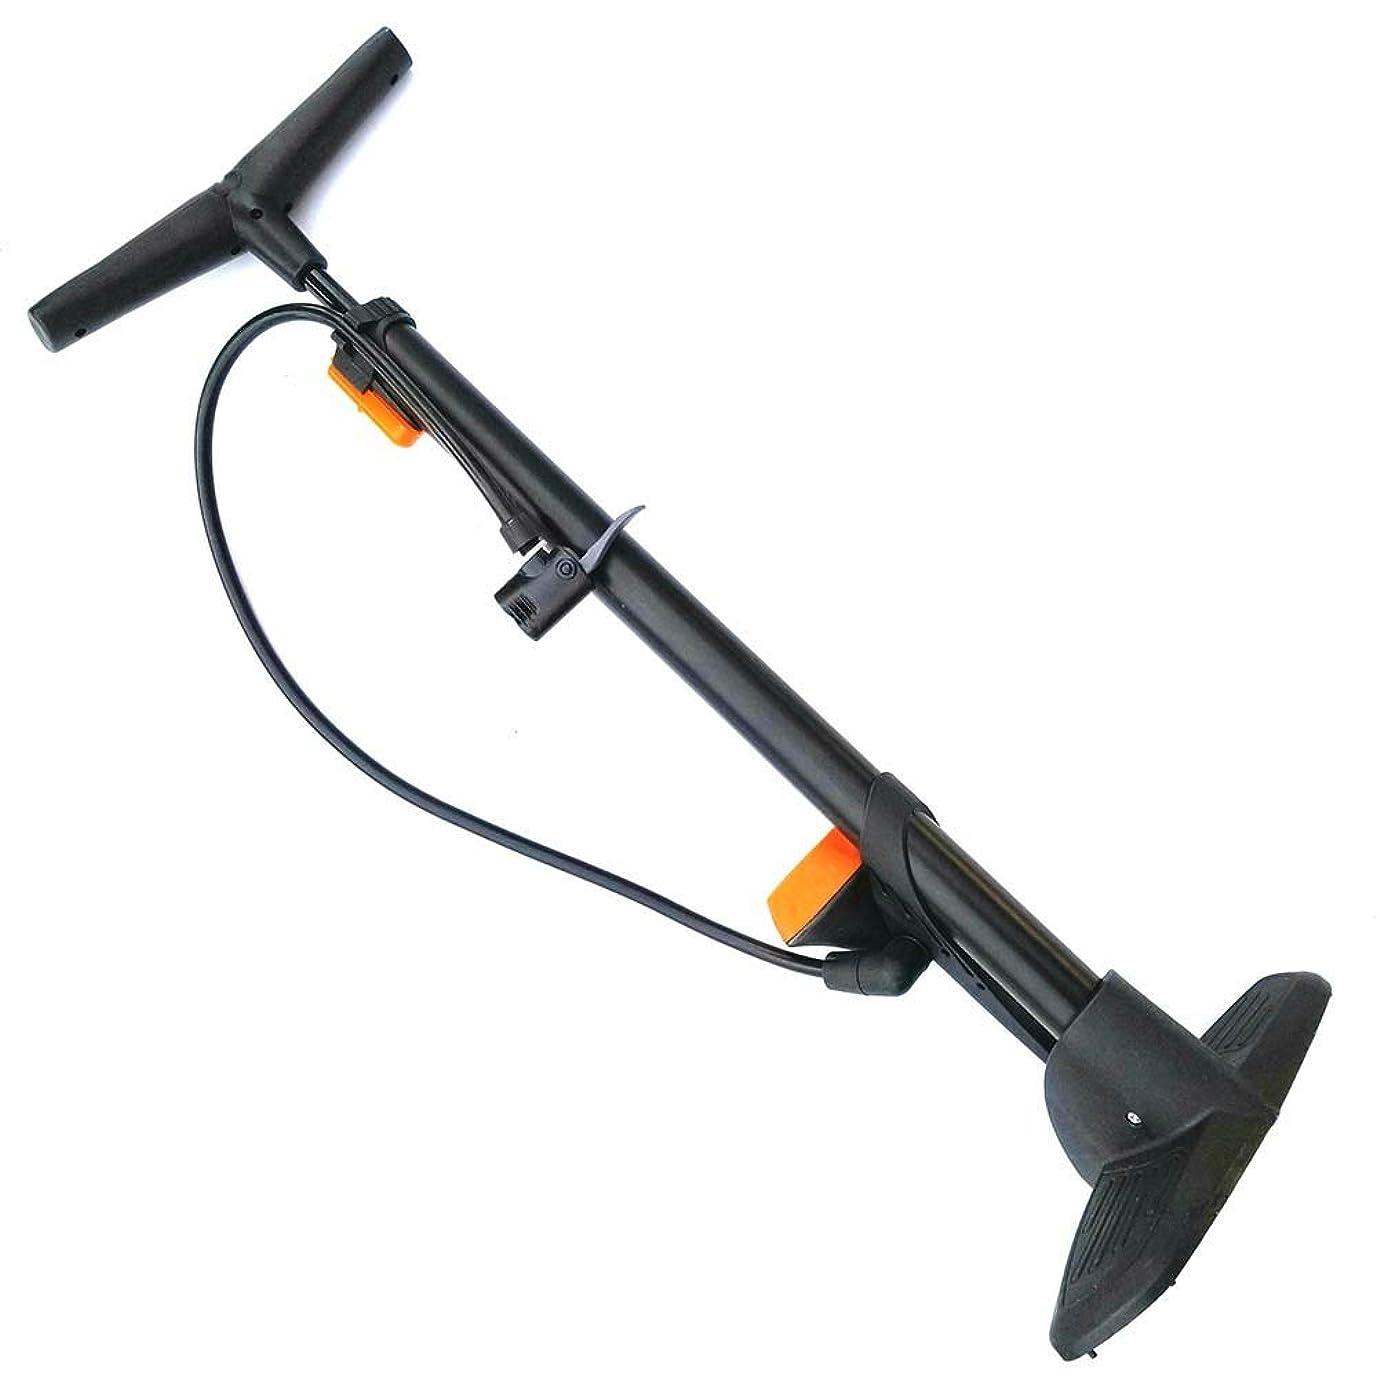 威信九月誘導ポータブル高圧自転車ポンプ 性能、ゲージ付き垂直エアーポンプハンドエアーポンプ、マウンテンバイク用、車、オートバイ、電気自動車、バスケットボール